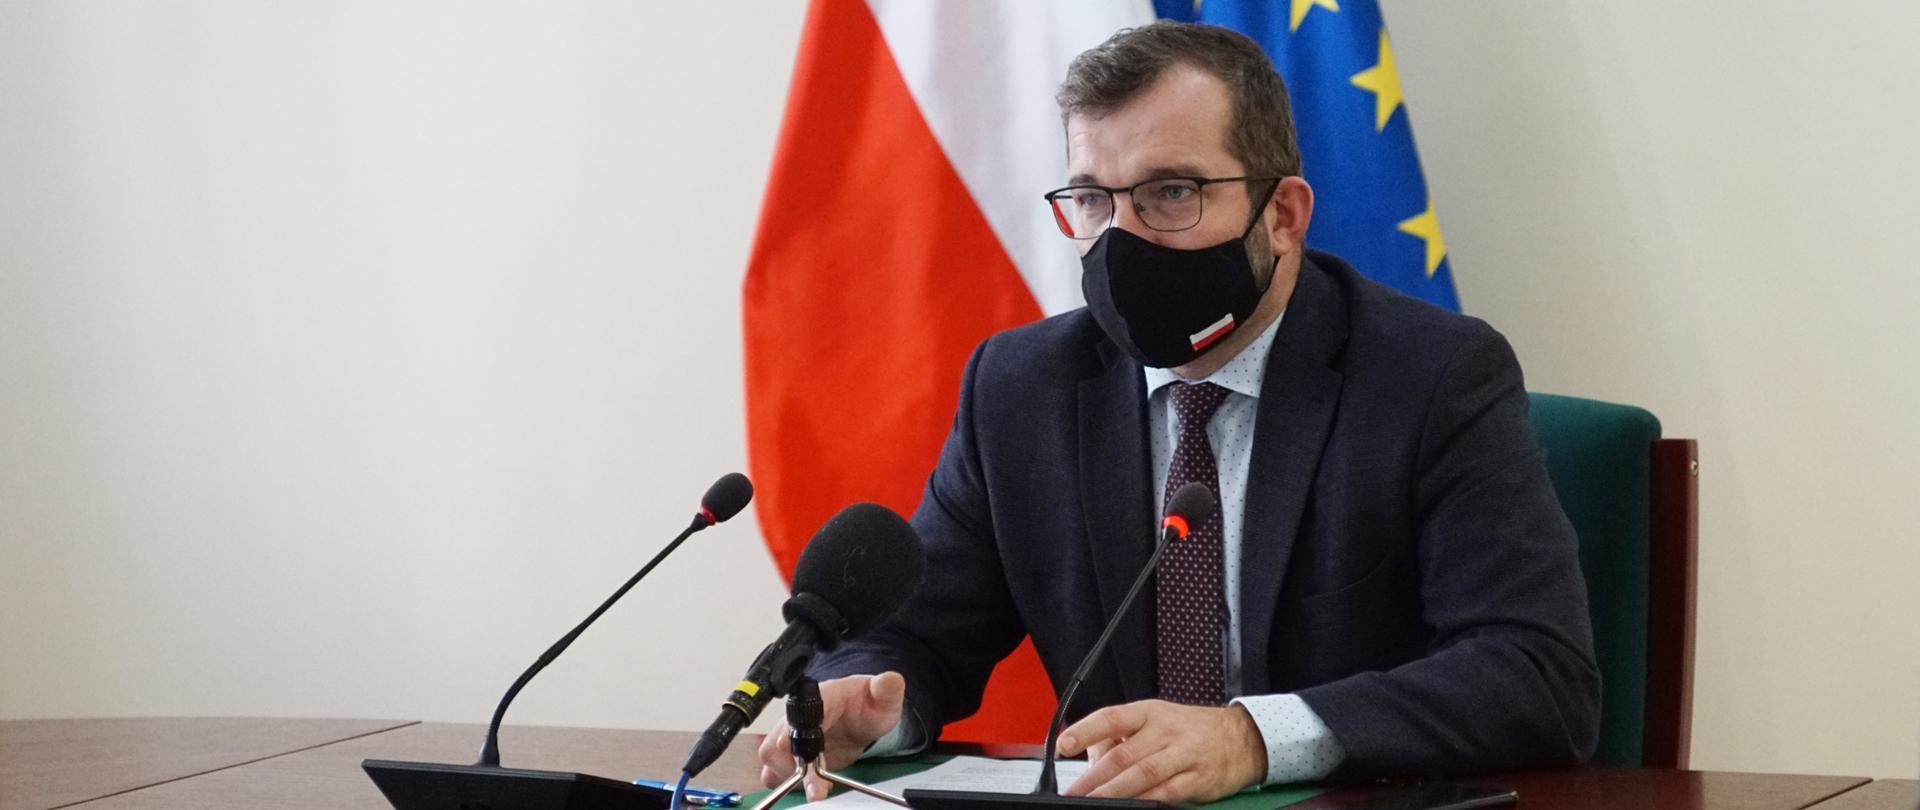 Ministerstwo jest otwarte na dialog z rolnikami